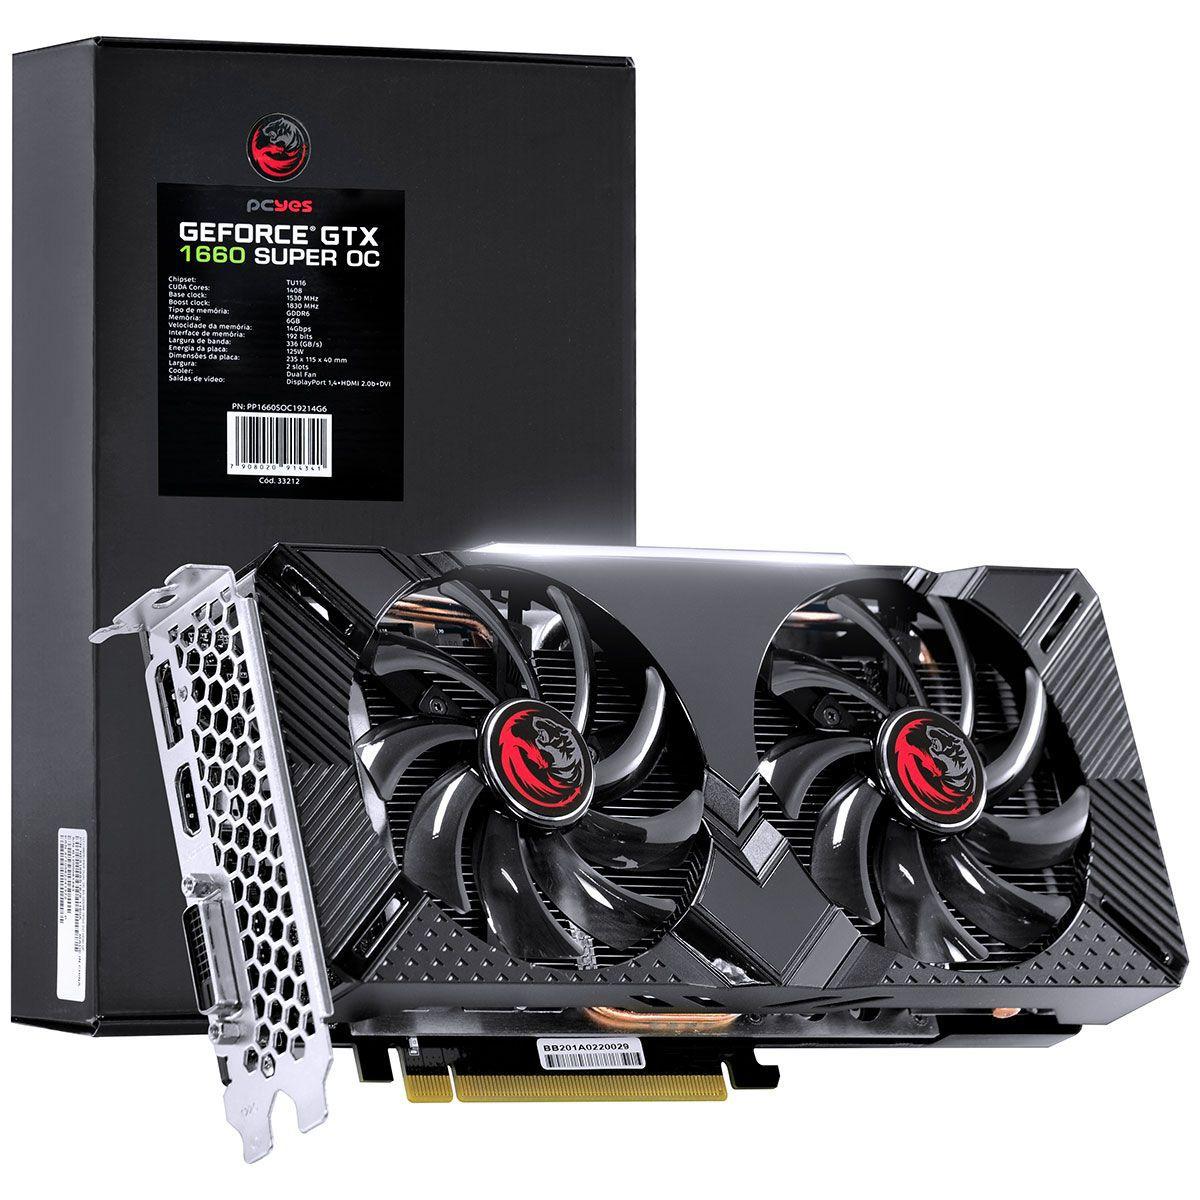 Placa de Vídeo Geforce GTX 1660 Super OC GDDR6 6GB 192 Bits Dual Fan PP1660SOC19214G6 - Pcyes